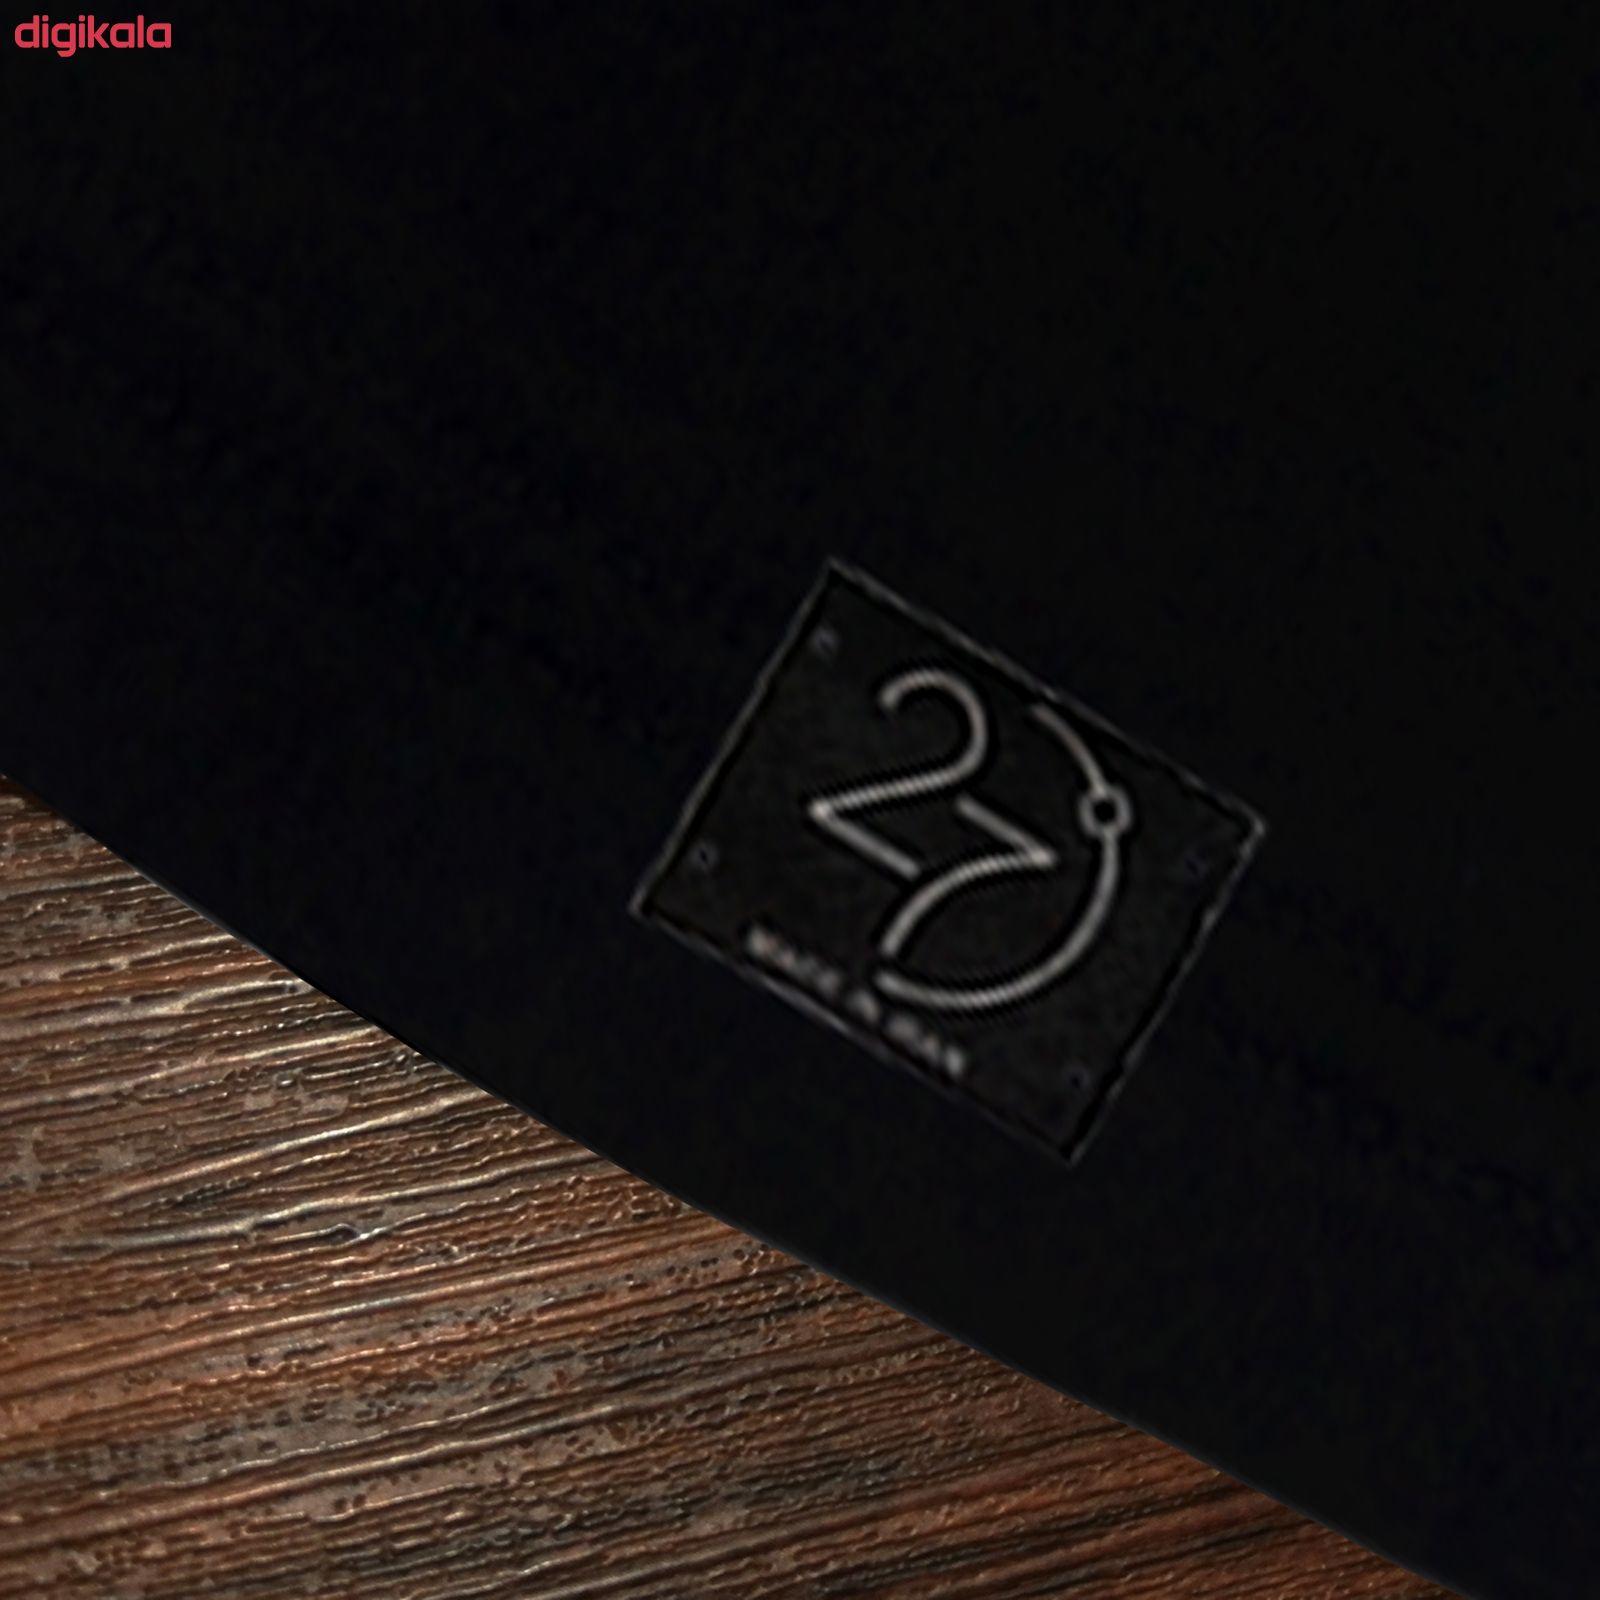 تی شرت آستین کوتاه مردانه طرح Broke کد TR10 رنگ مشکی main 1 3